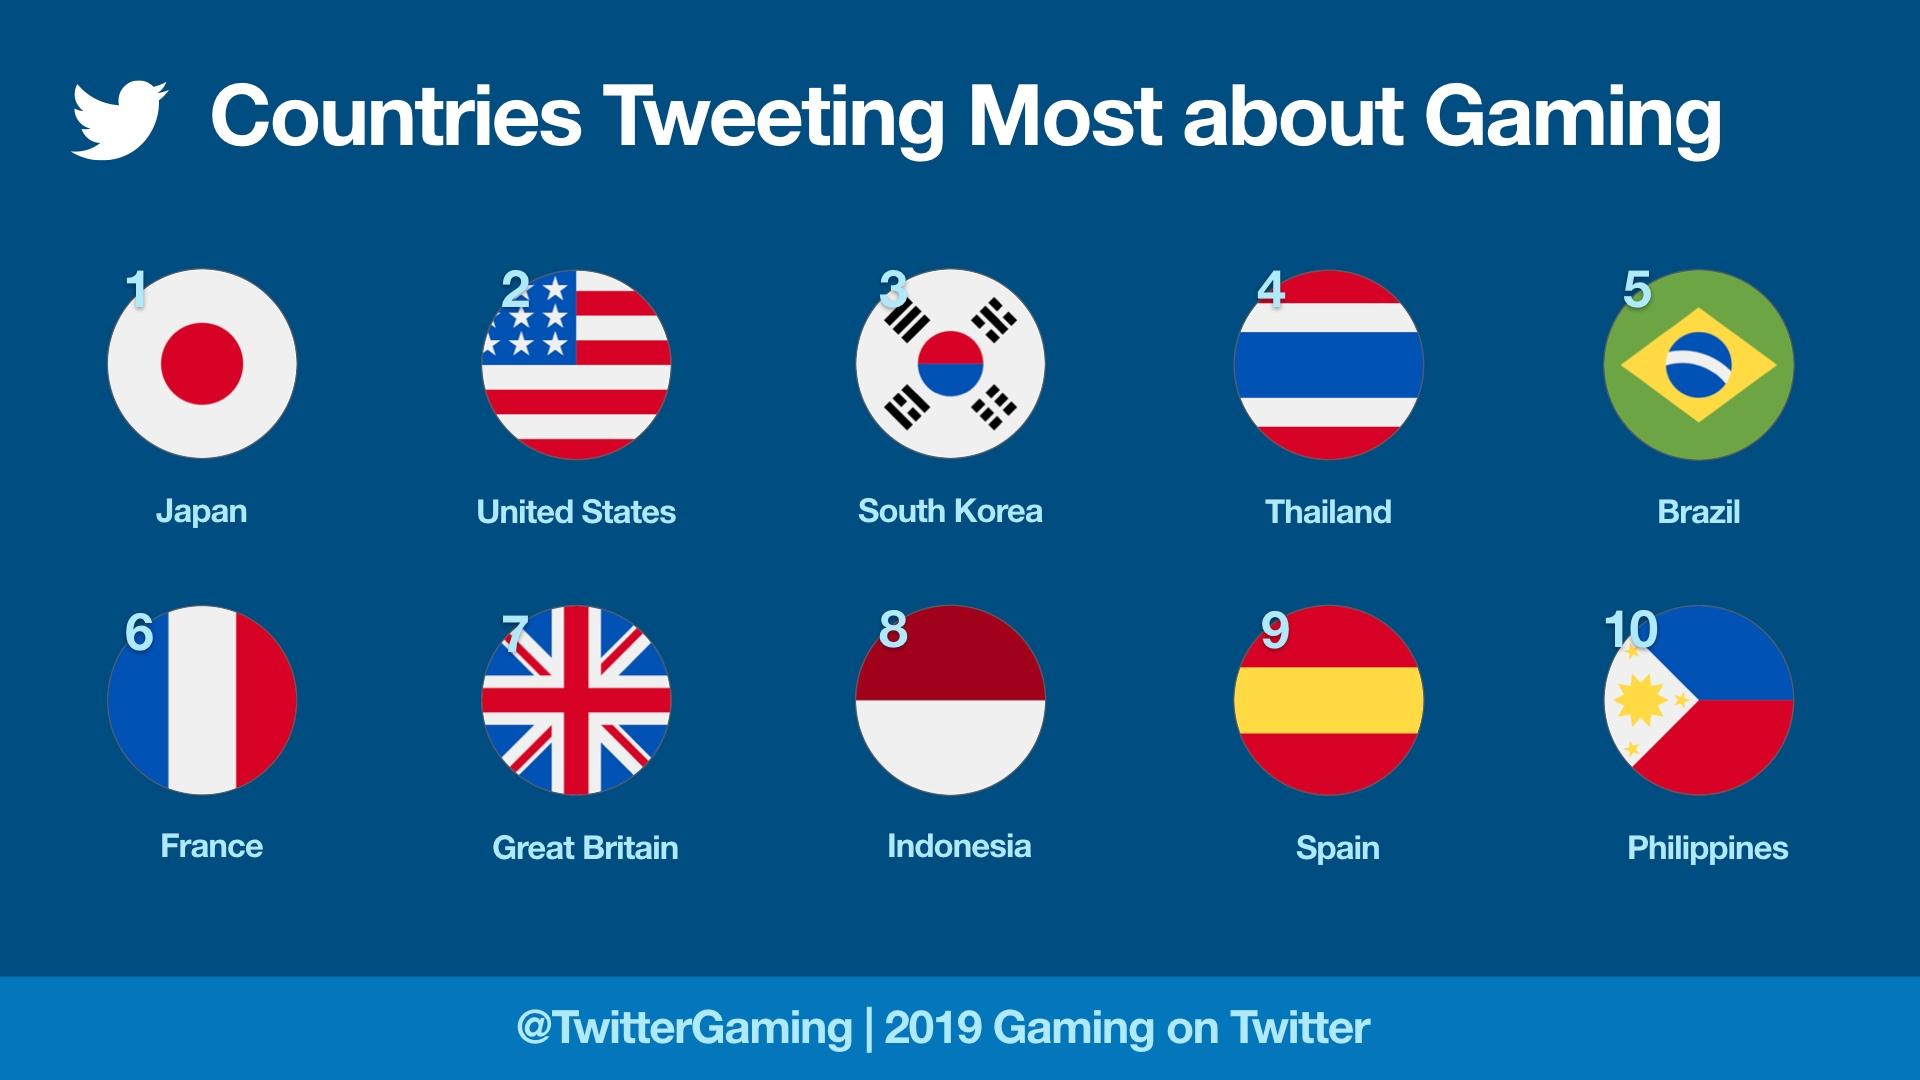 Negara yang paling banyak melakukan Tweet tentang video game